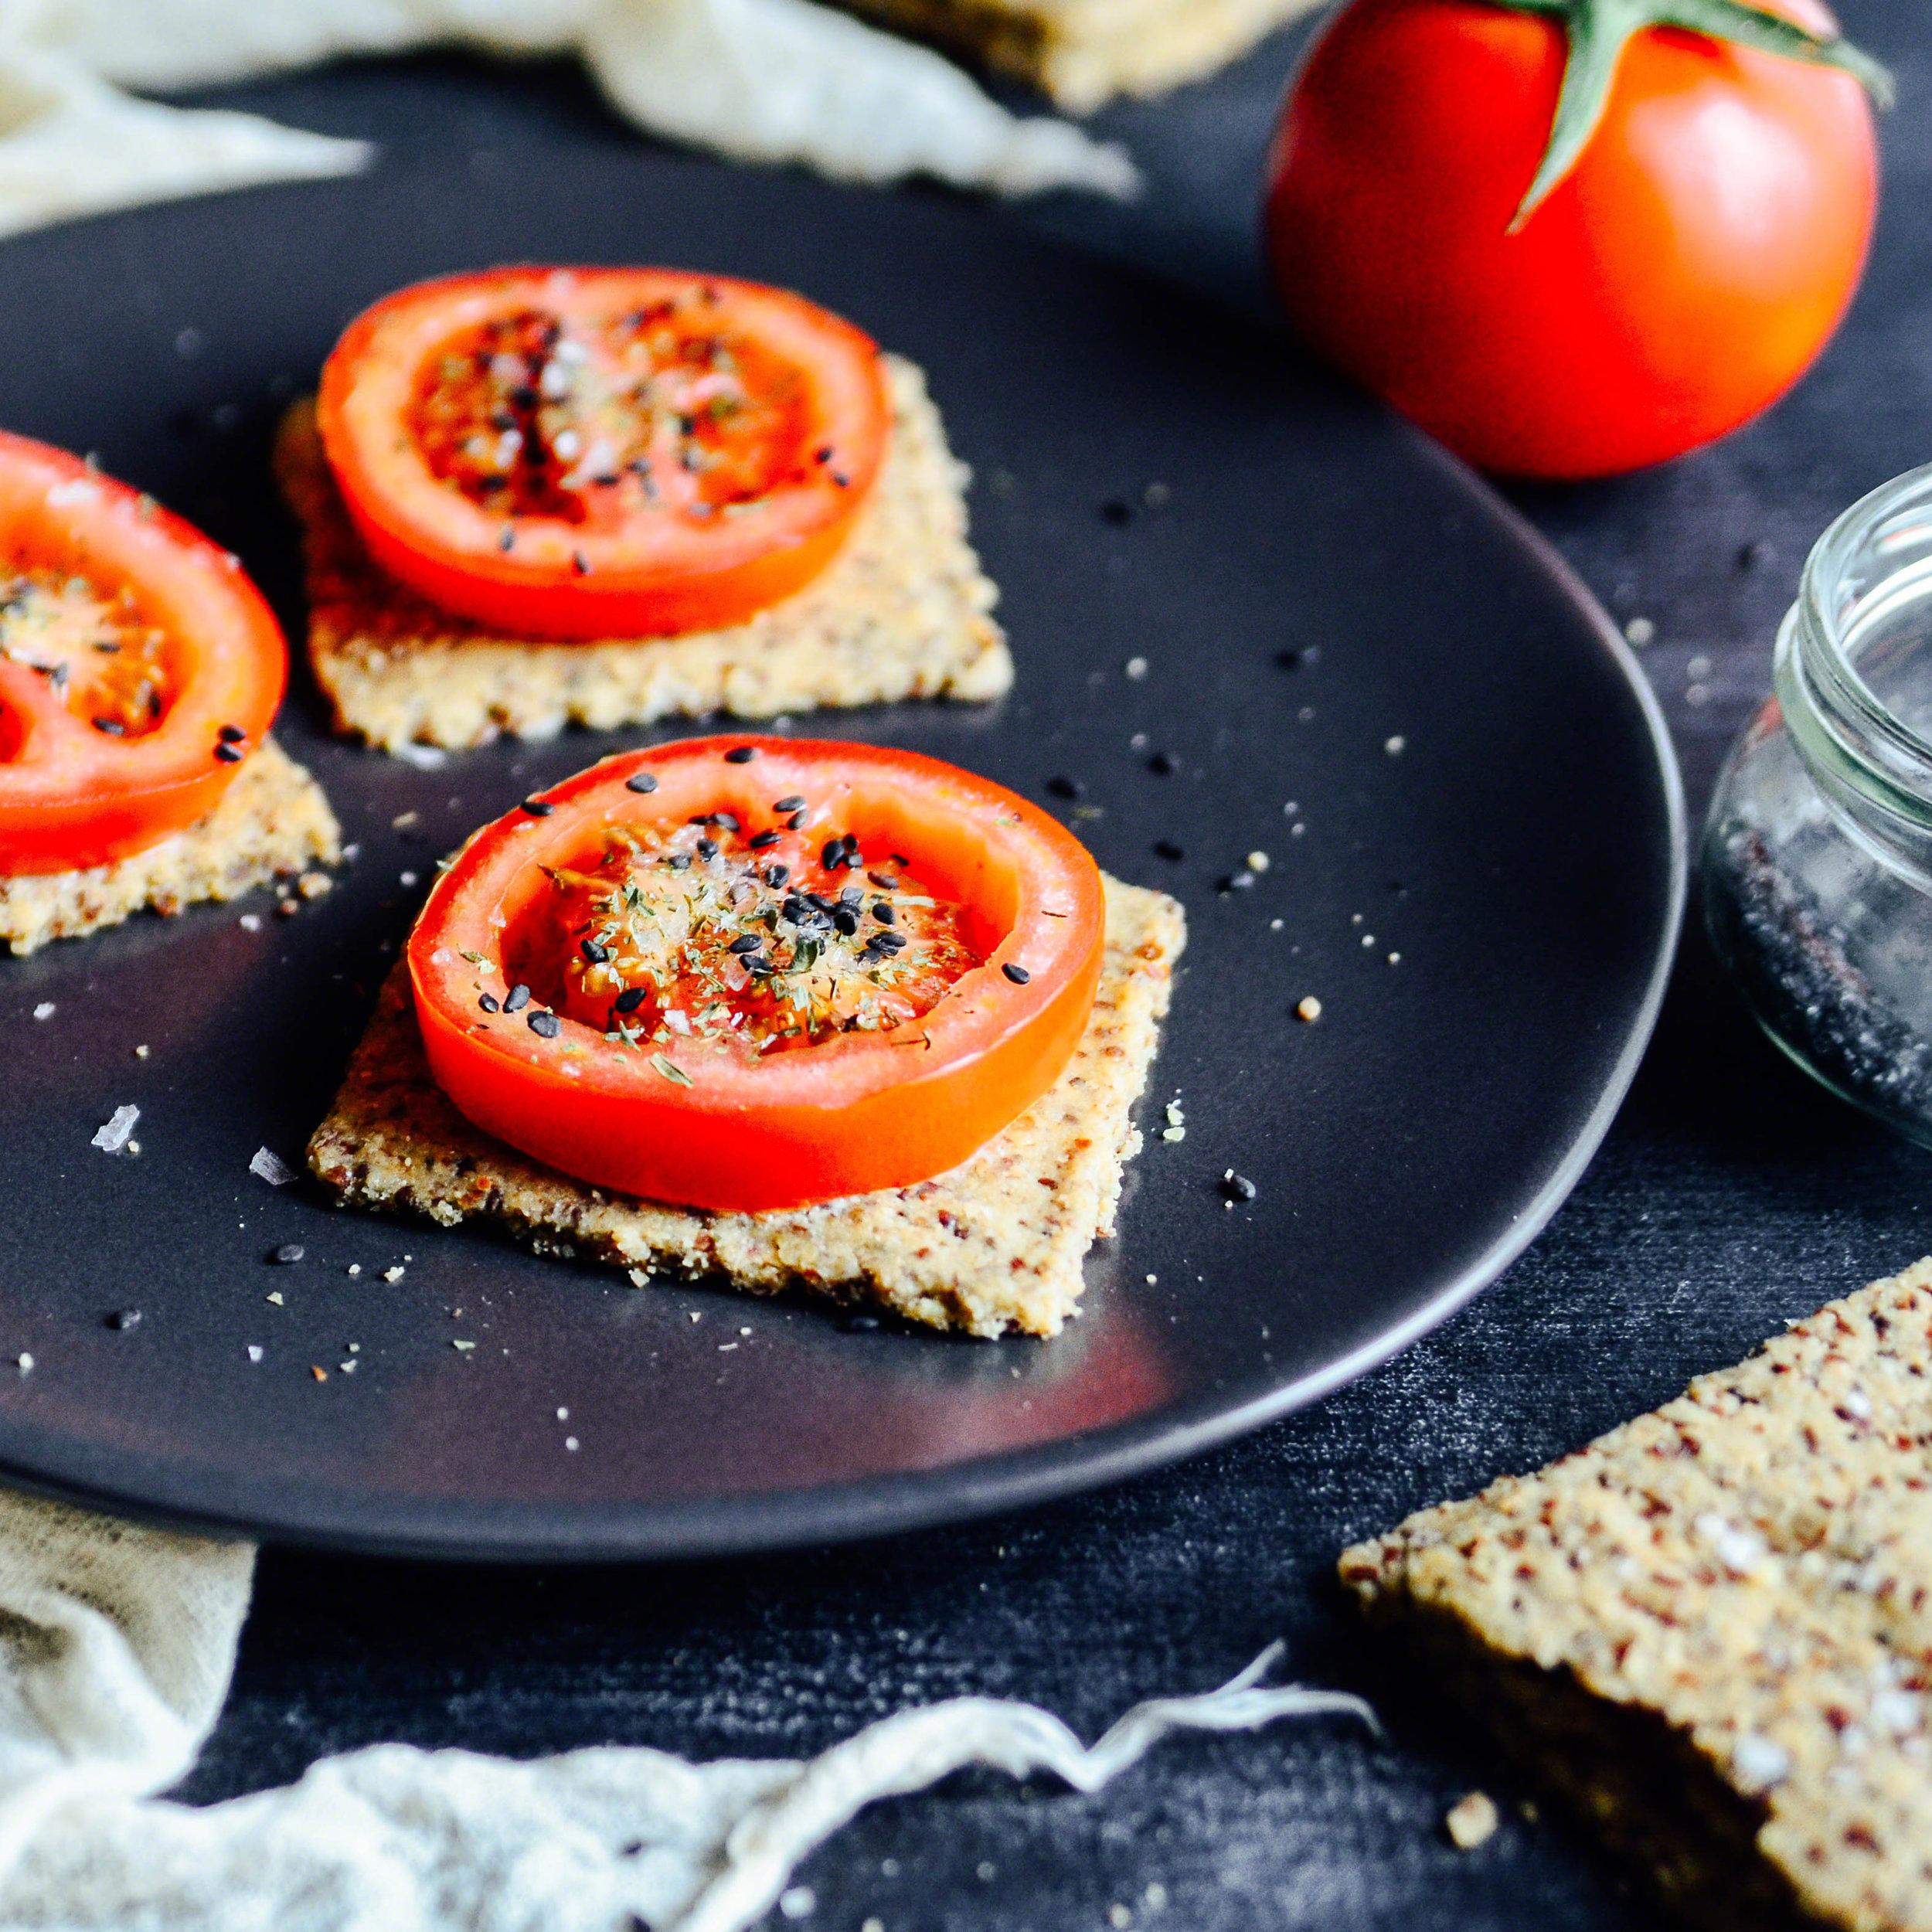 dm-Tomato-1895-4-2.jpg